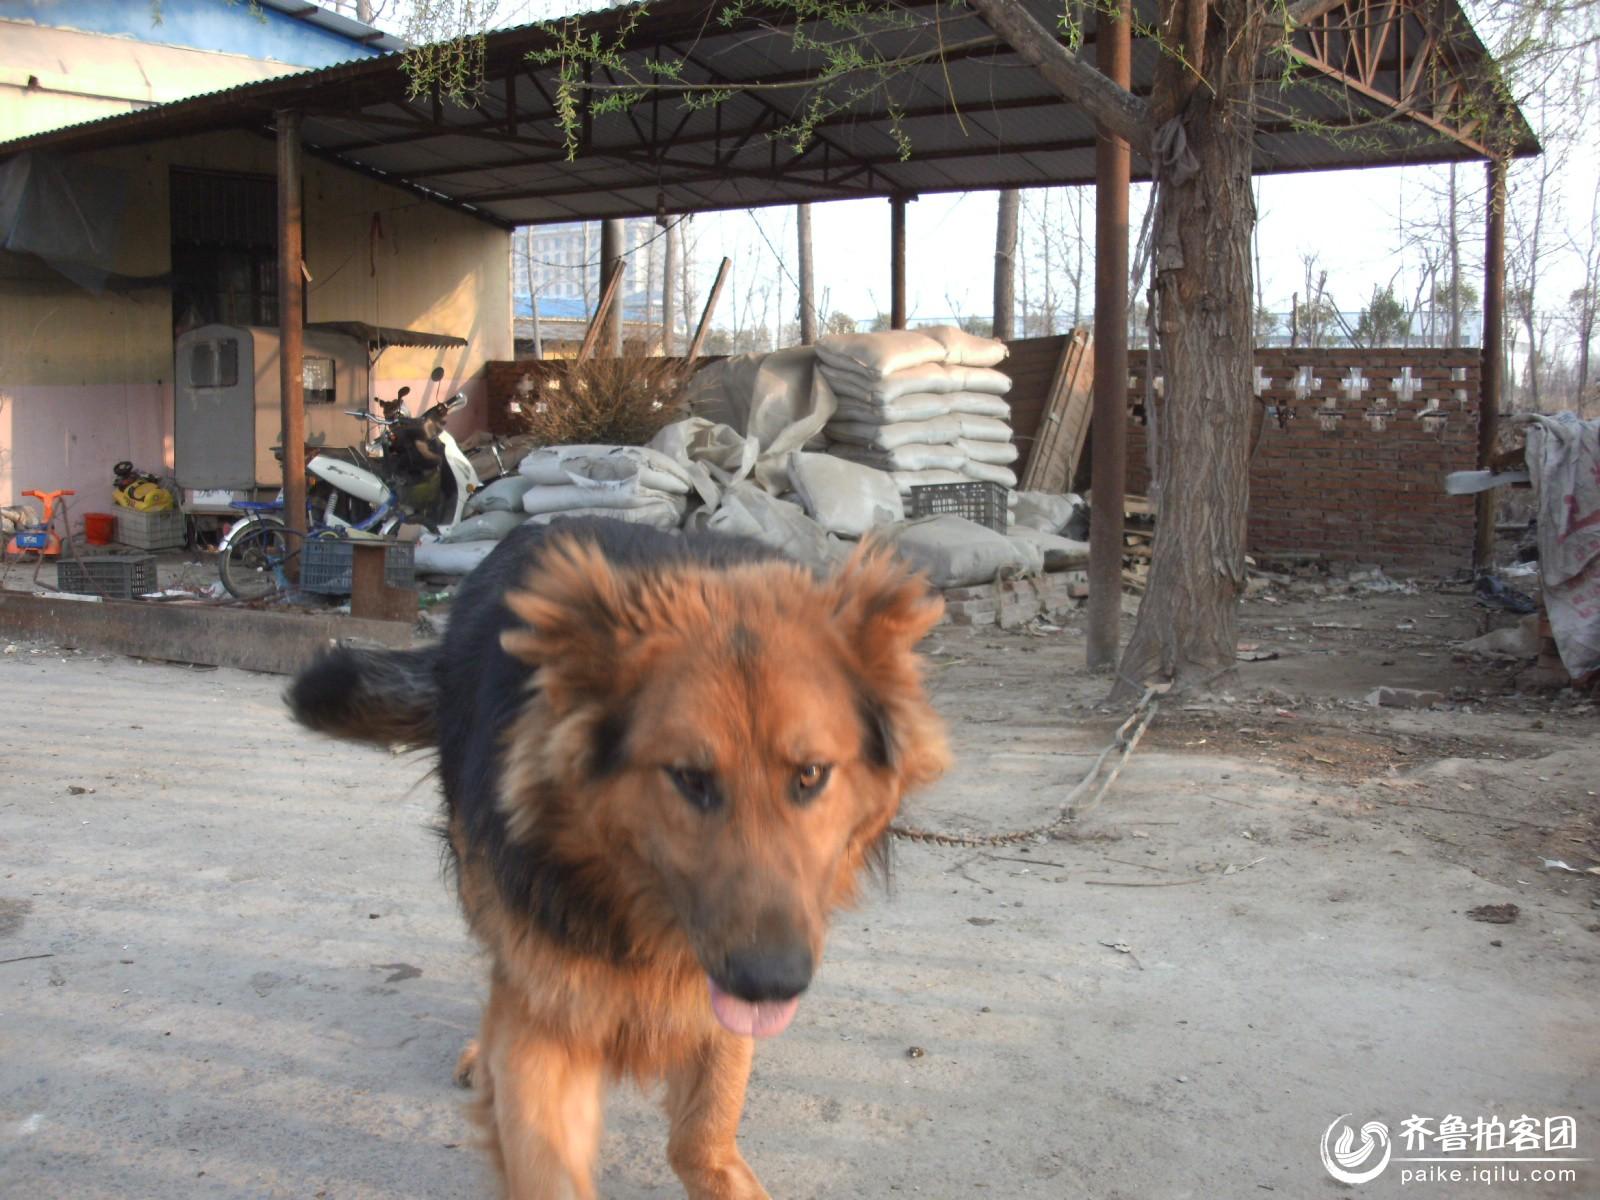 藏獒和狼狗配种图片 狼狗和藏獒杂交 公藏獒配母狼狗视频 牧羊犬藏獒